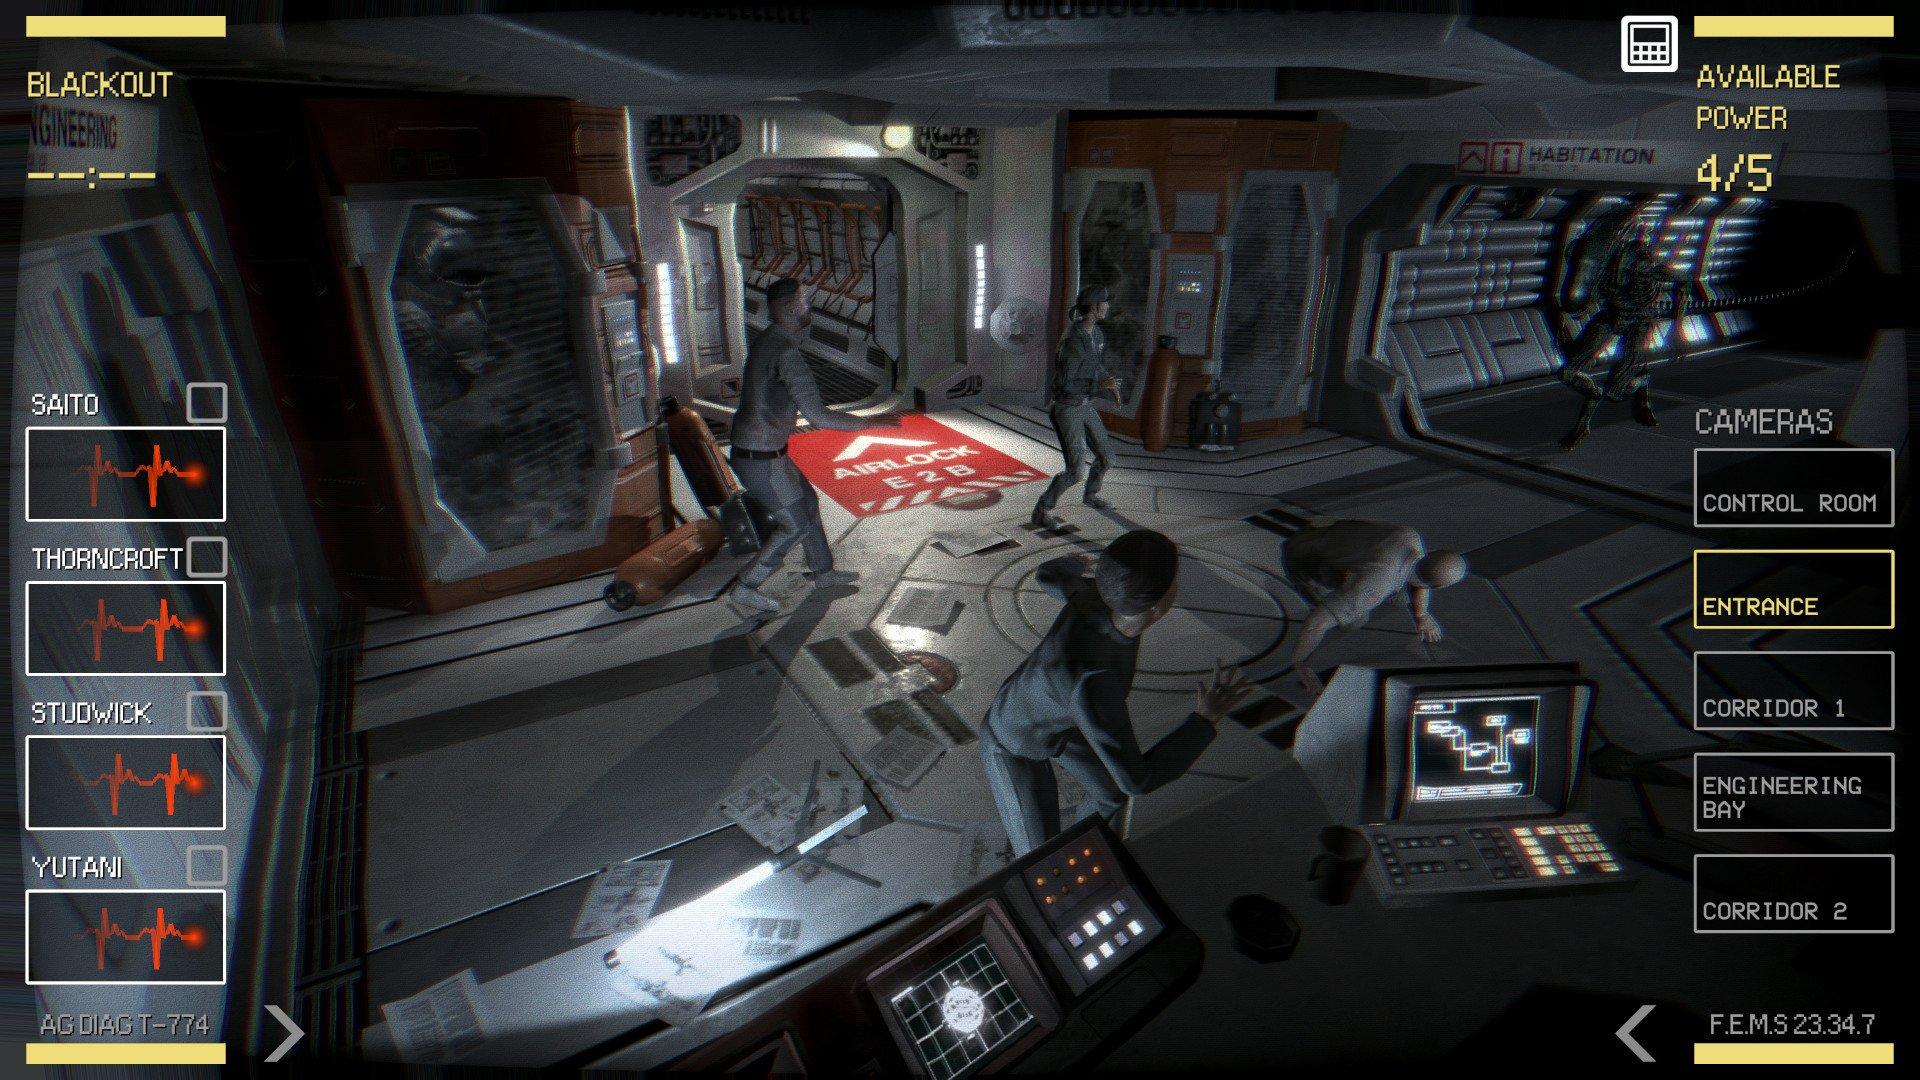 Alien: Blackout è un'orribile esperienza di gioco mobile horror che metterà alla prova i nervi interni di entrambi i fan di Alien e horror, dove la vita può finire in un istante.